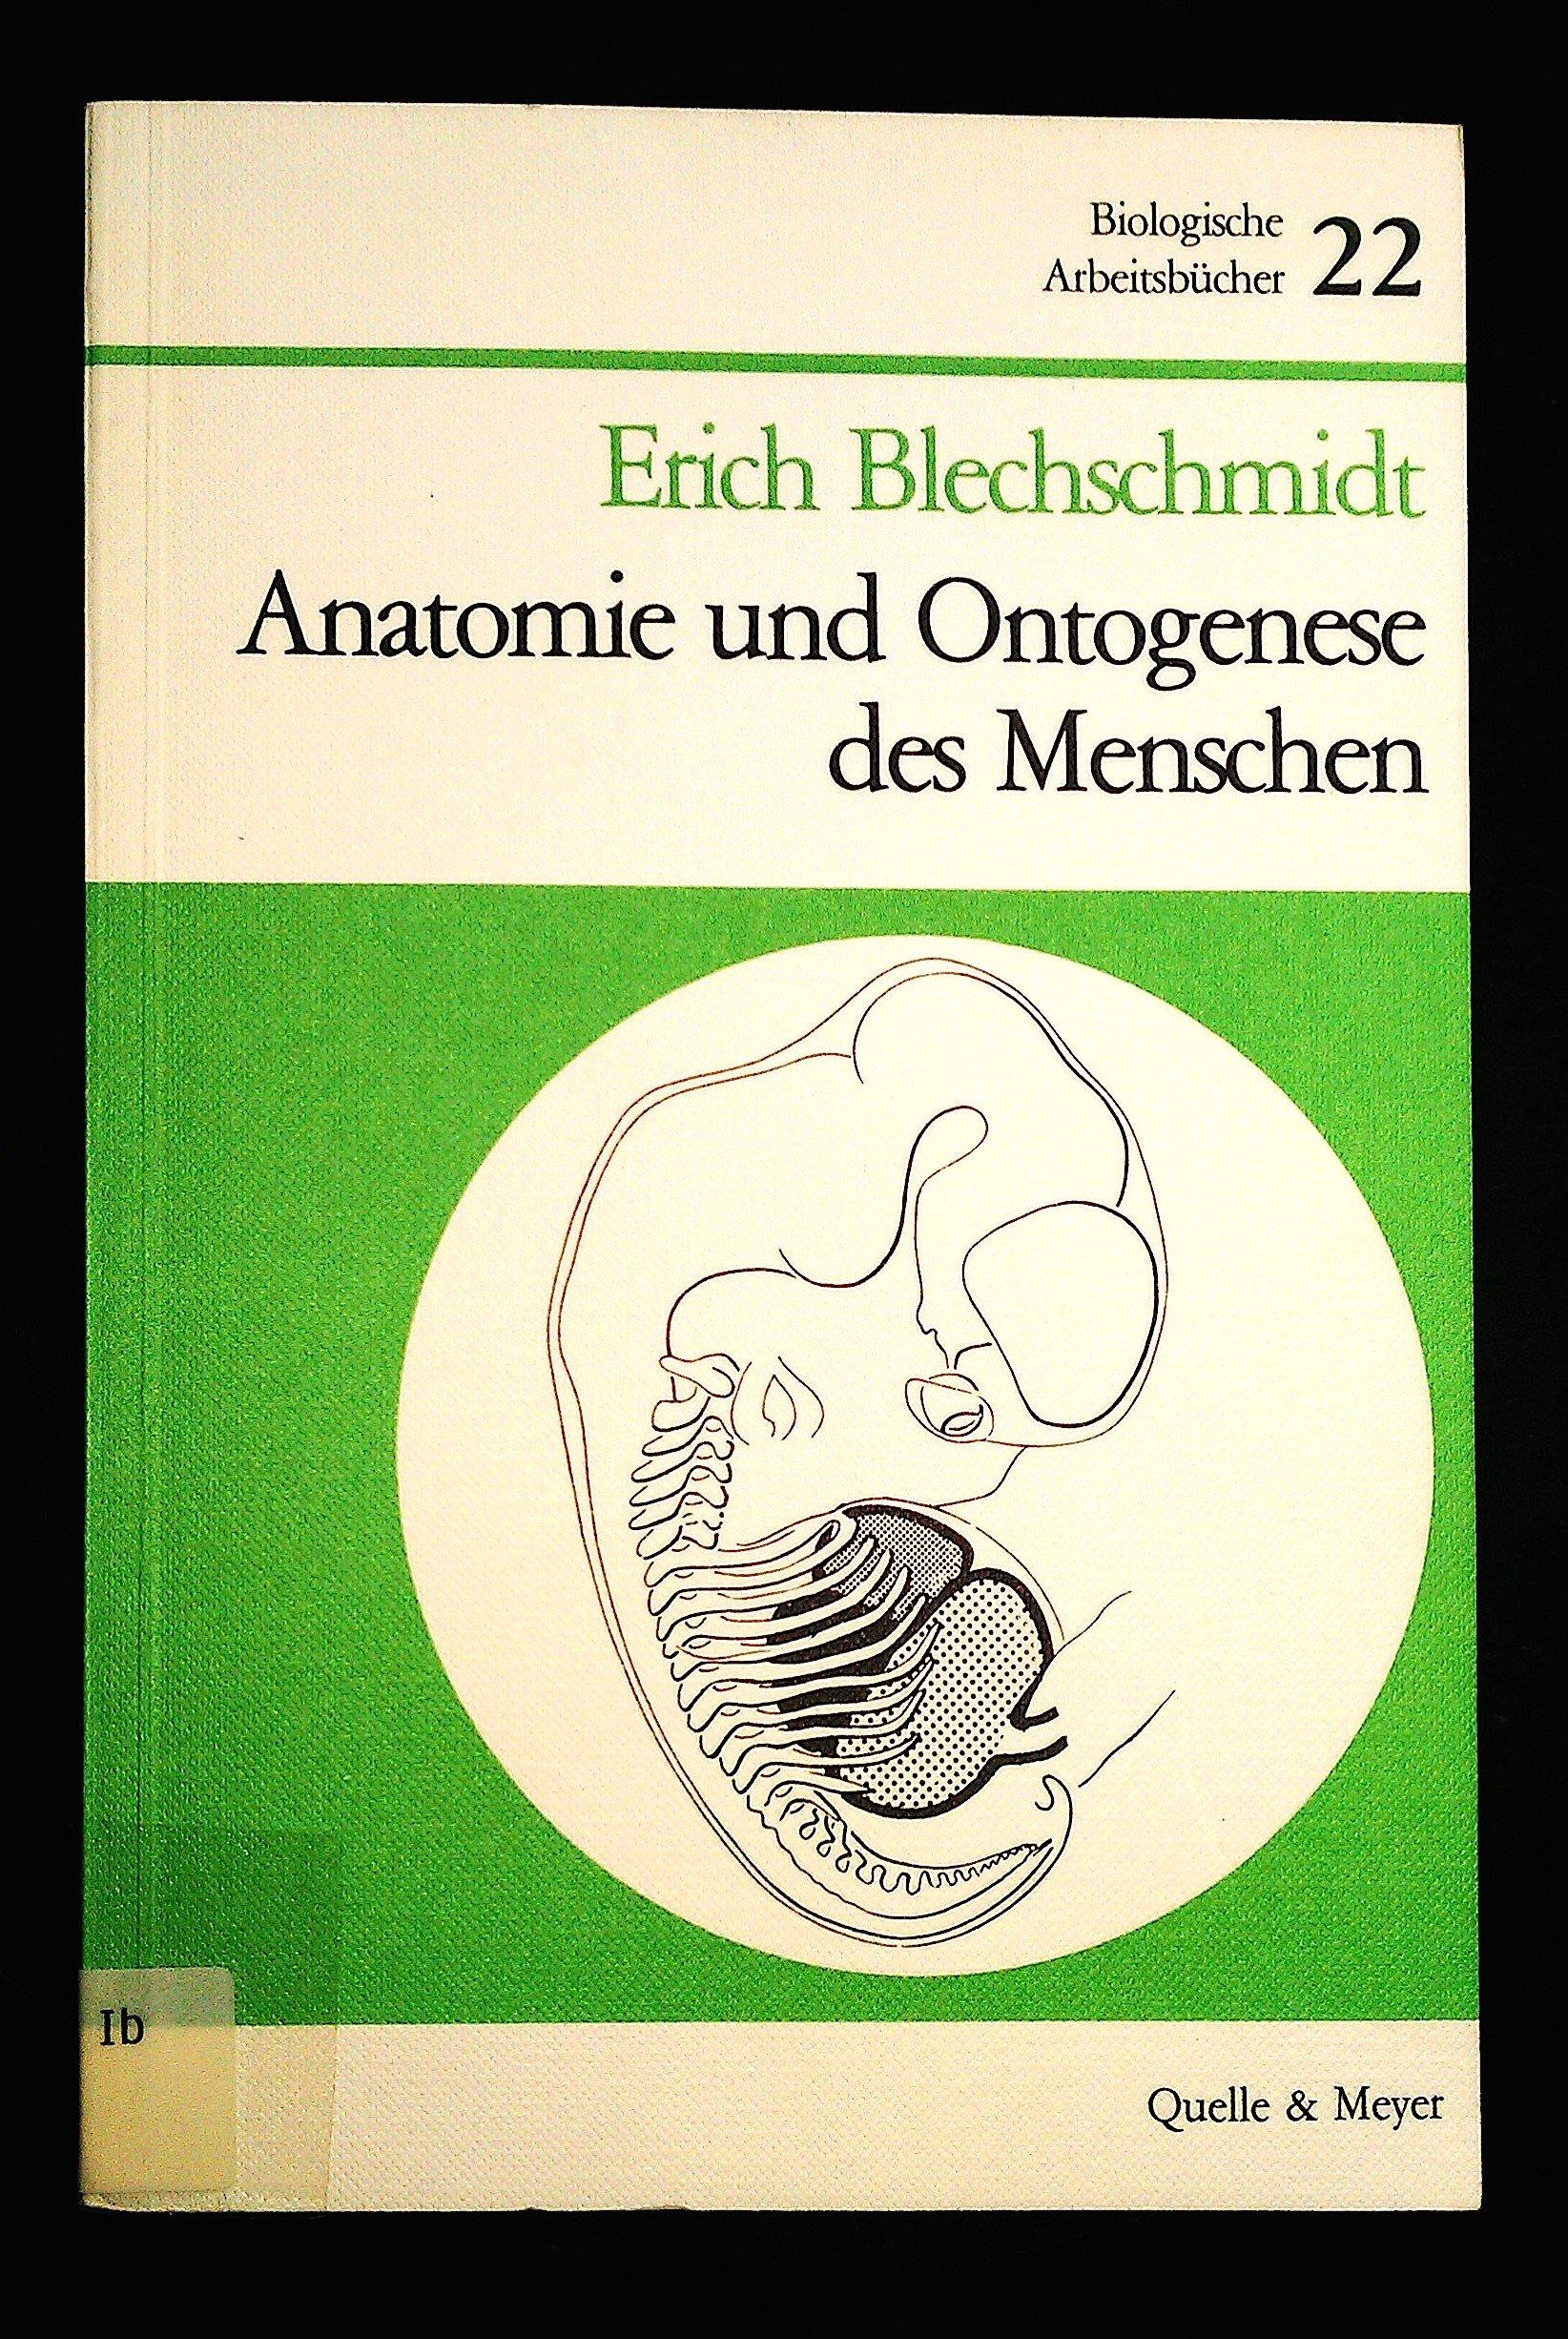 Anatomie und Ontogenese des Menschen: Amazon.de: Erich Blechschmidt ...